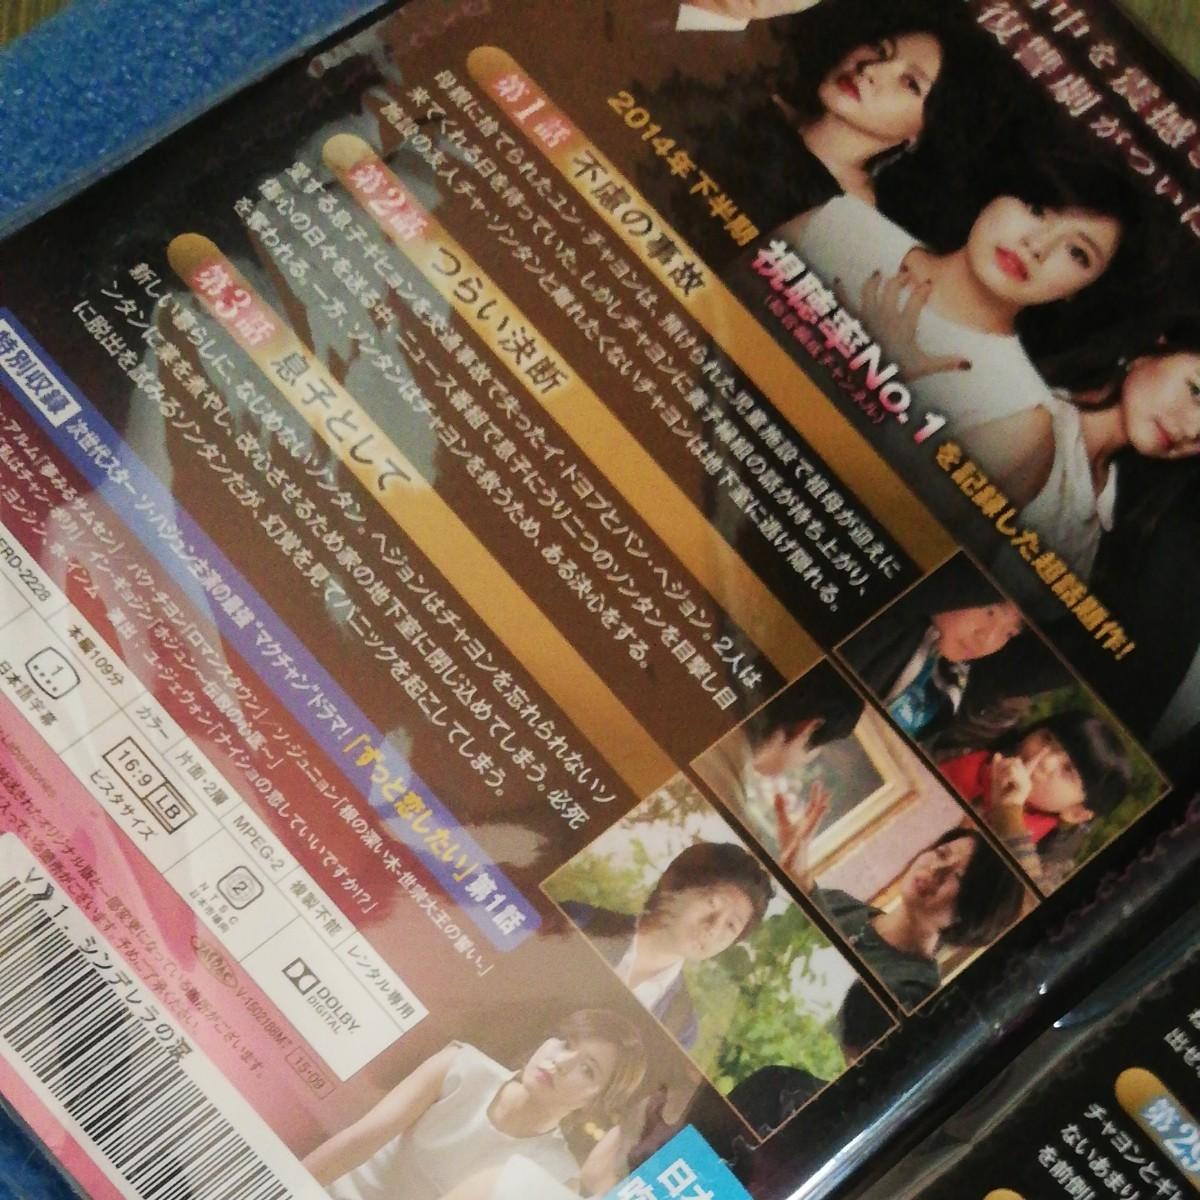 ●韓国復讐ドラマの傑作ですシンデレラの涙 全巻DVD●韓国復讐ドラマの傑作